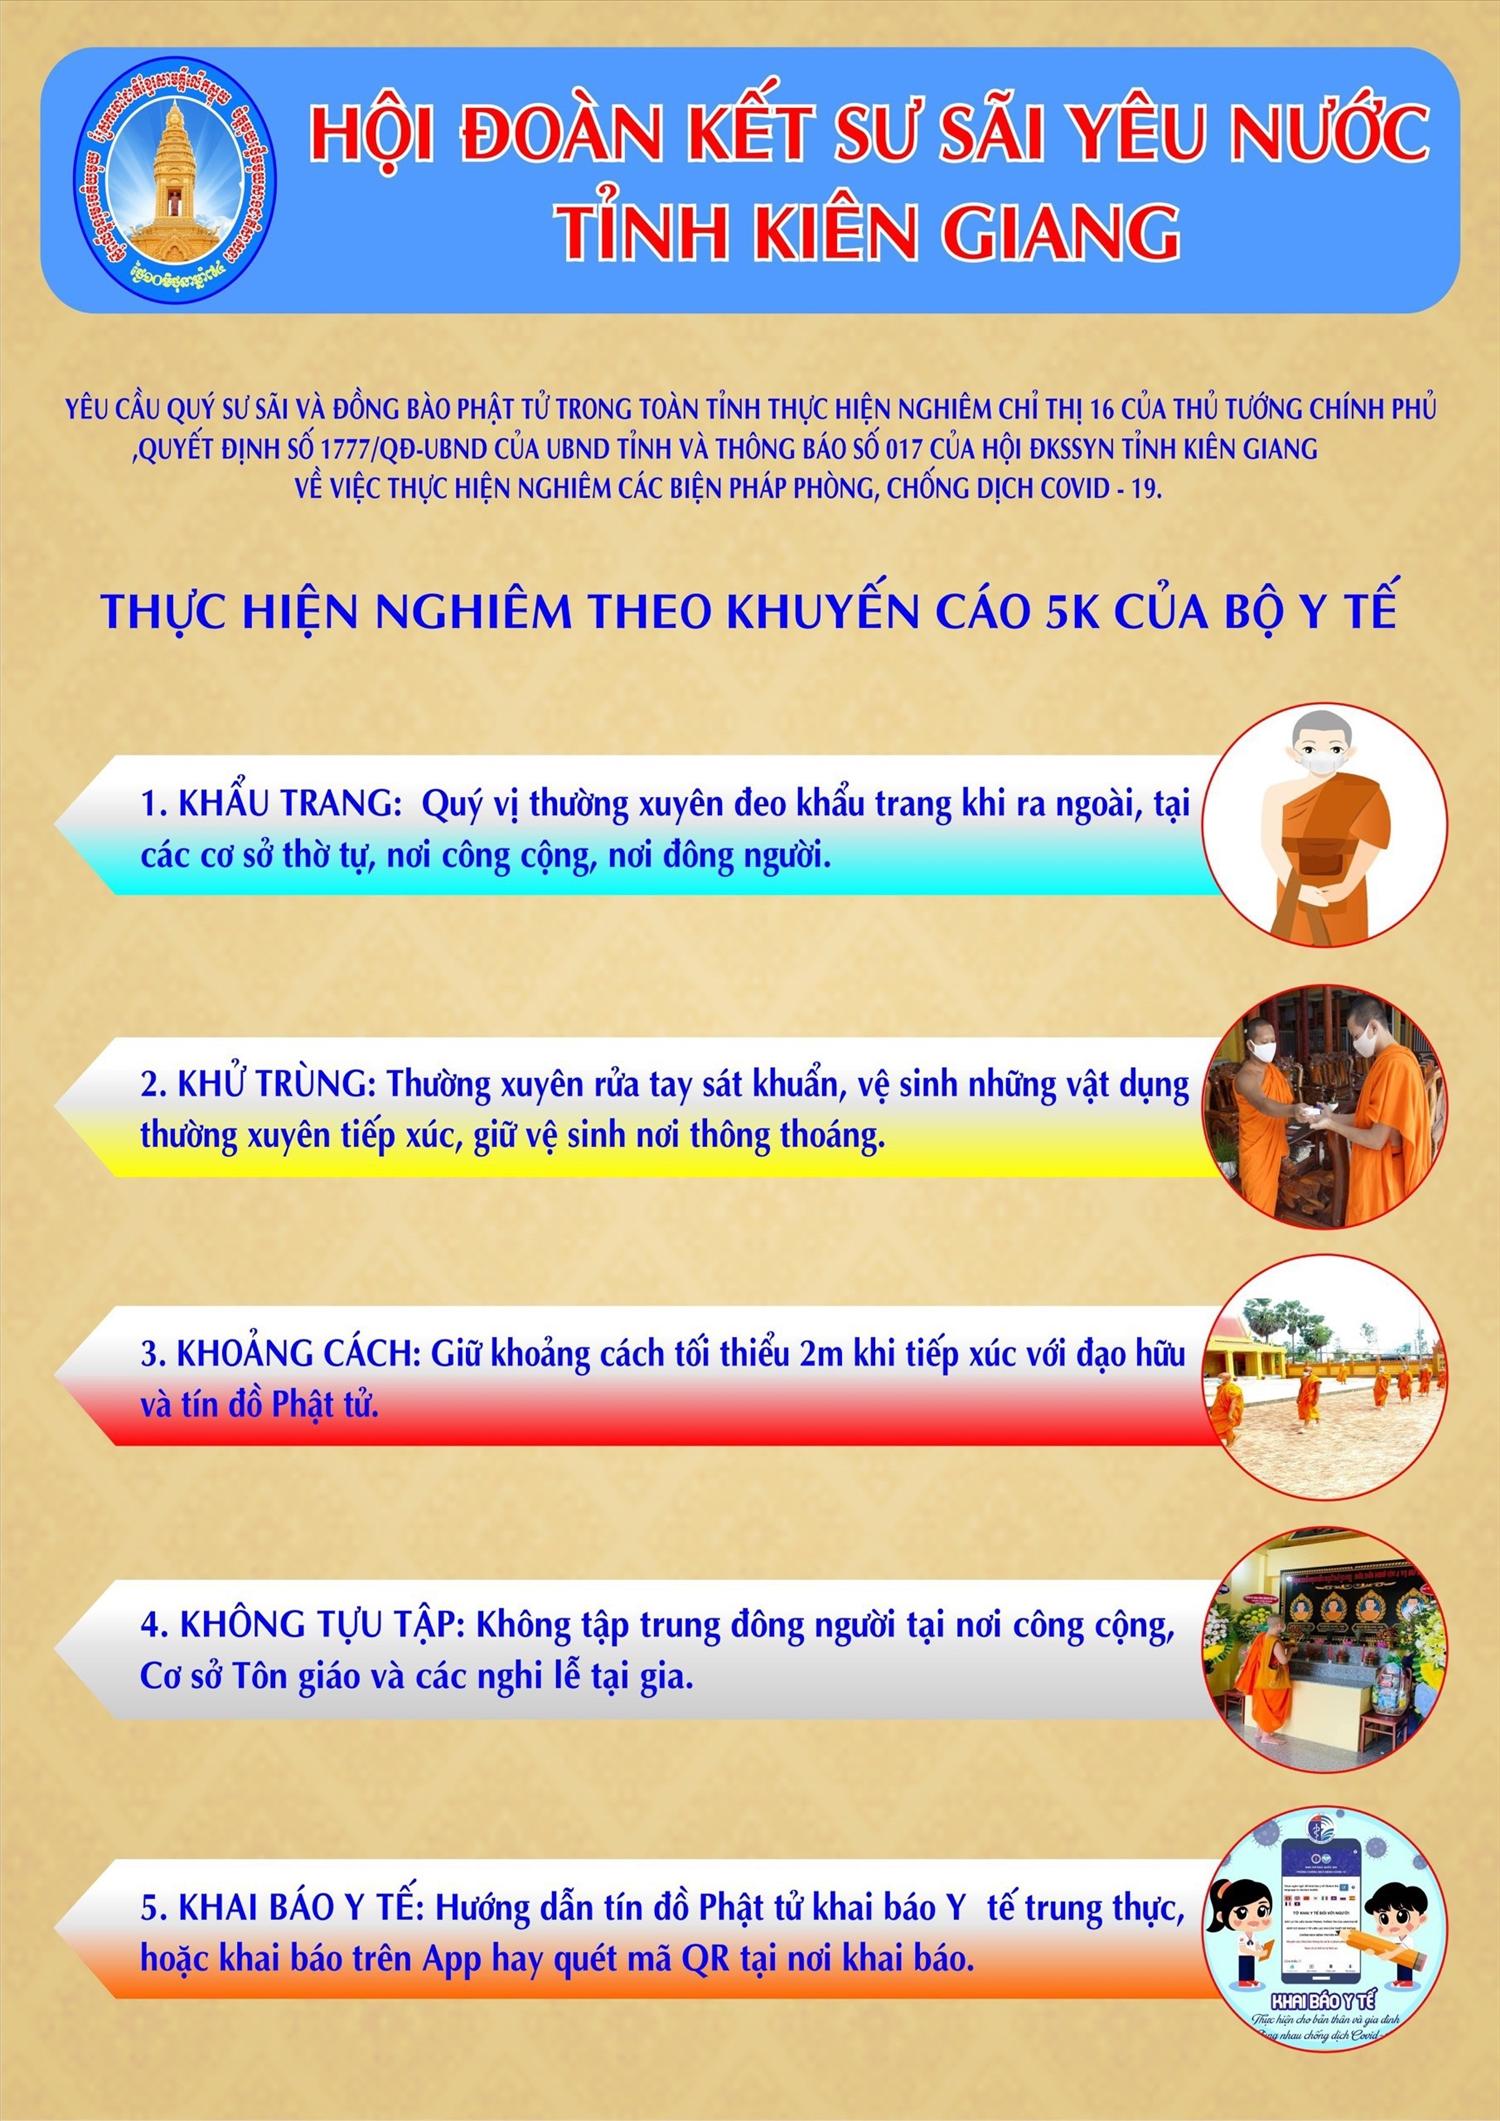 Tờ rơi tuyên truyền phòng, chống dịch COVID - 19 của Hội Đoàn kết Sư Sãi yêu nước tỉnh Kiên Giang